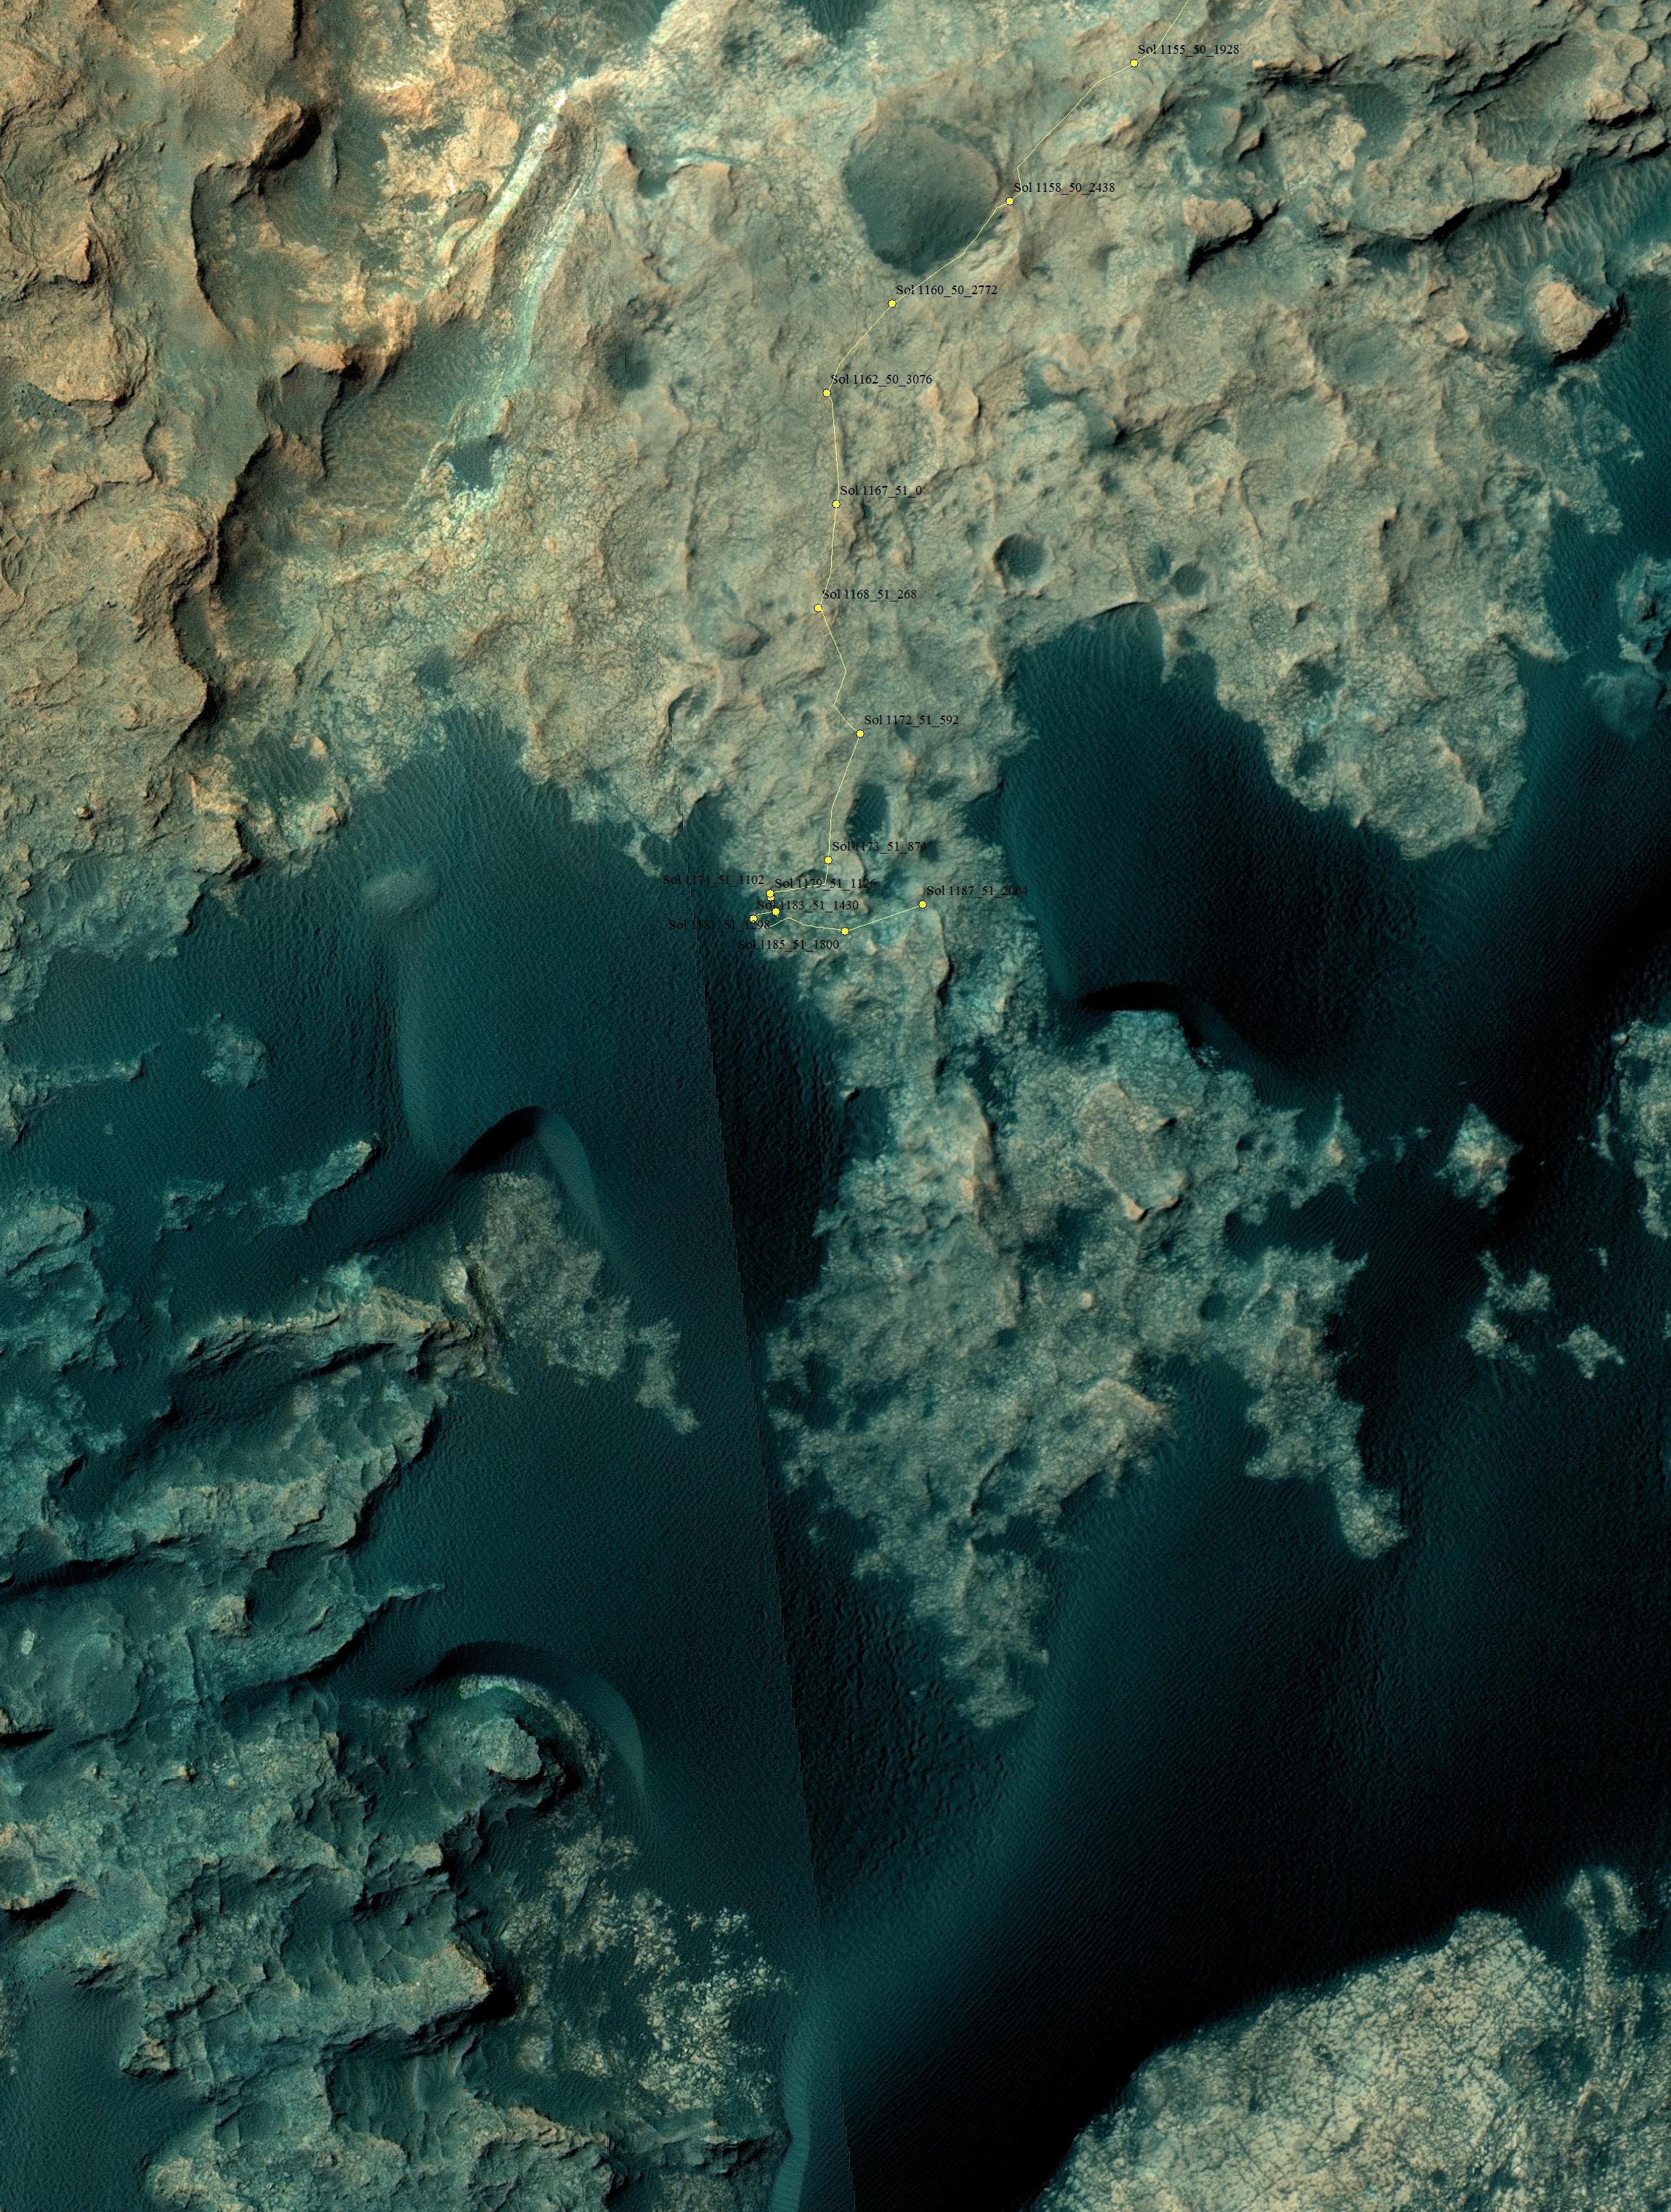 Curiosity_Location_Sol1187-full rec1